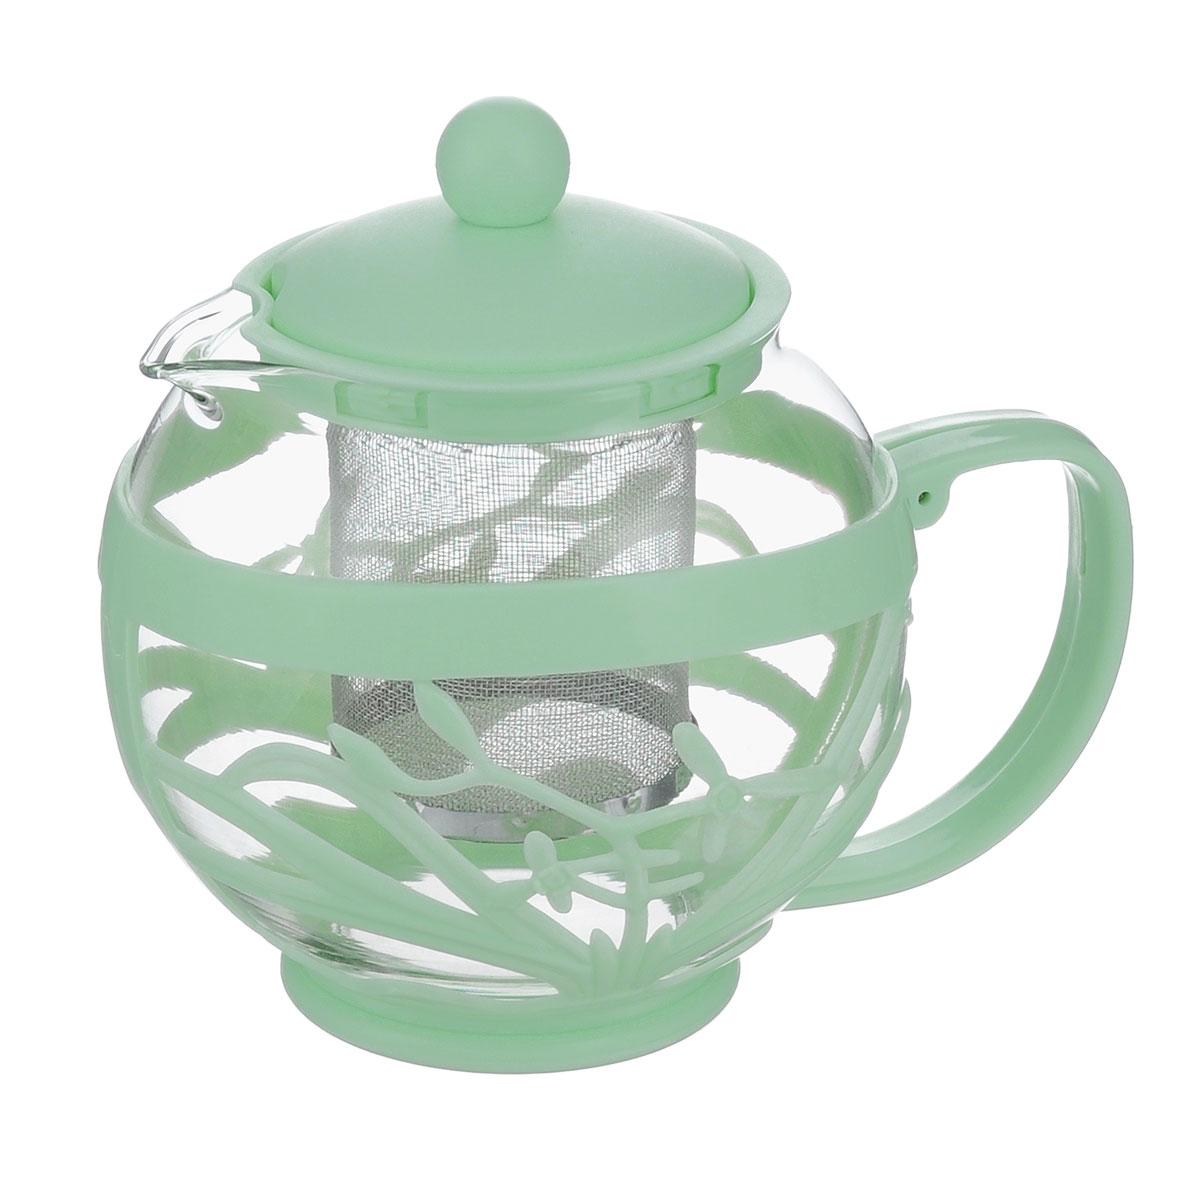 Чайник заварочный Menu Мелисса, с фильтром, цвет: прозрачный, светло-бирюзовый, 750 мл23083Чайник Menu Мелисса изготовлен из прочного стекла ипластика. Он прекрасно подойдет для заваривания чая итравяных напитков. Классический стиль и оптимальный объемделают его удобным и оригинальным аксессуаром. Изделиеимеет удлиненный металлический фильтр, которыйобеспечивает высокое качество фильтрации напитка ипозволяет заварить чай даже при небольшом уровне воды.Ручка чайника не нагревается и обеспечивает безопасностьиспользования.Нельзя мыть в посудомоечной машине.Диаметр чайника (по верхнему краю): 8 см. Высота чайника (без учета крышки): 11 см. Размер фильтра: 6 х 6 х 7,2 см.